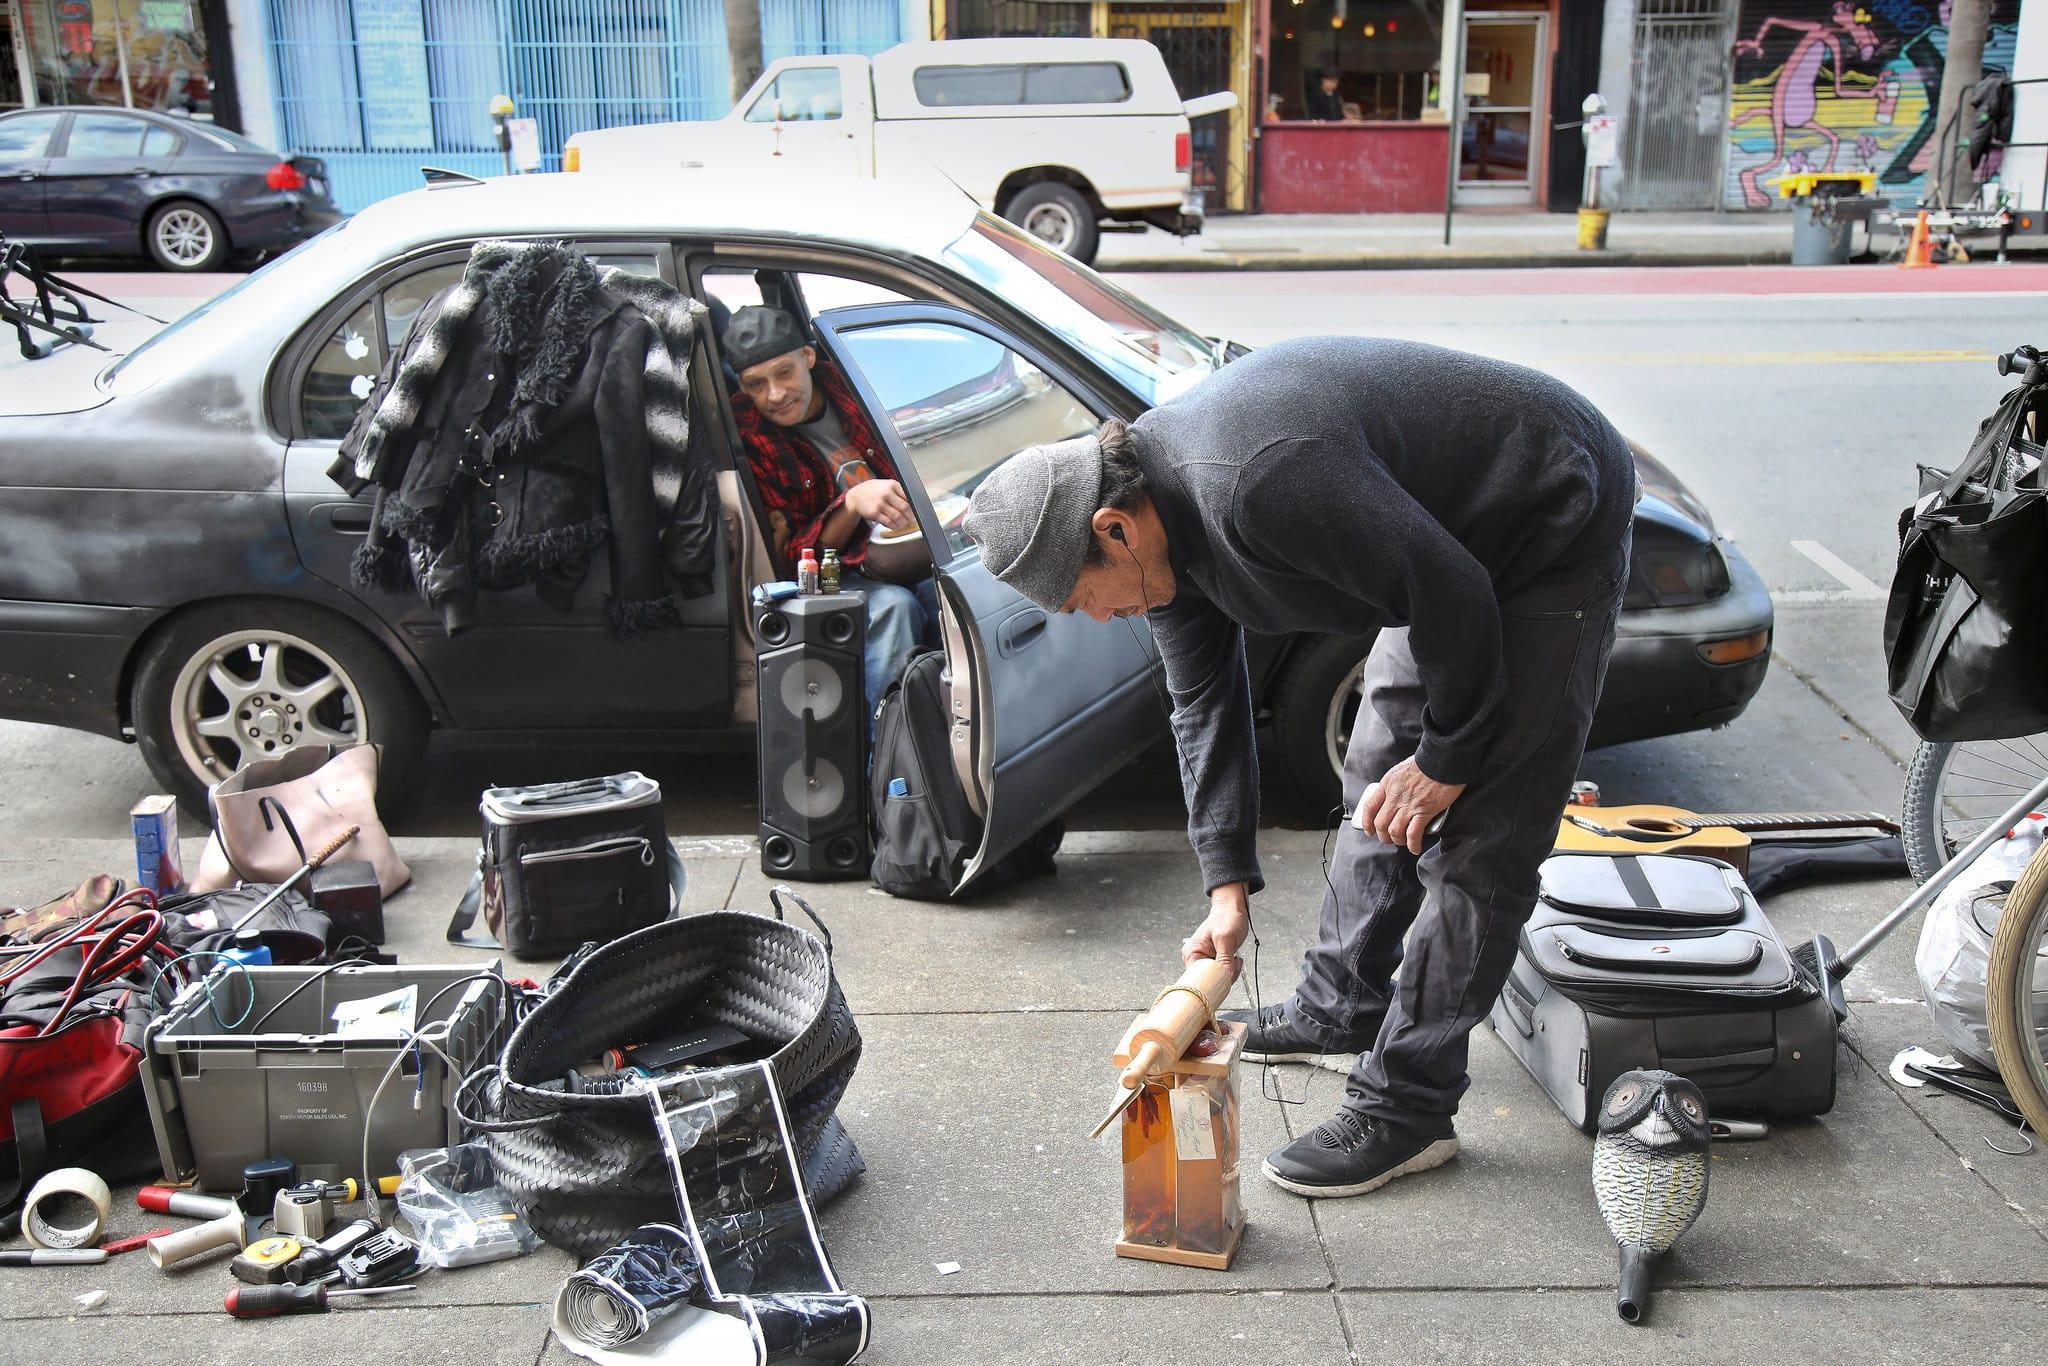 Des pauvres ramassent les ordures des riches aux USA.